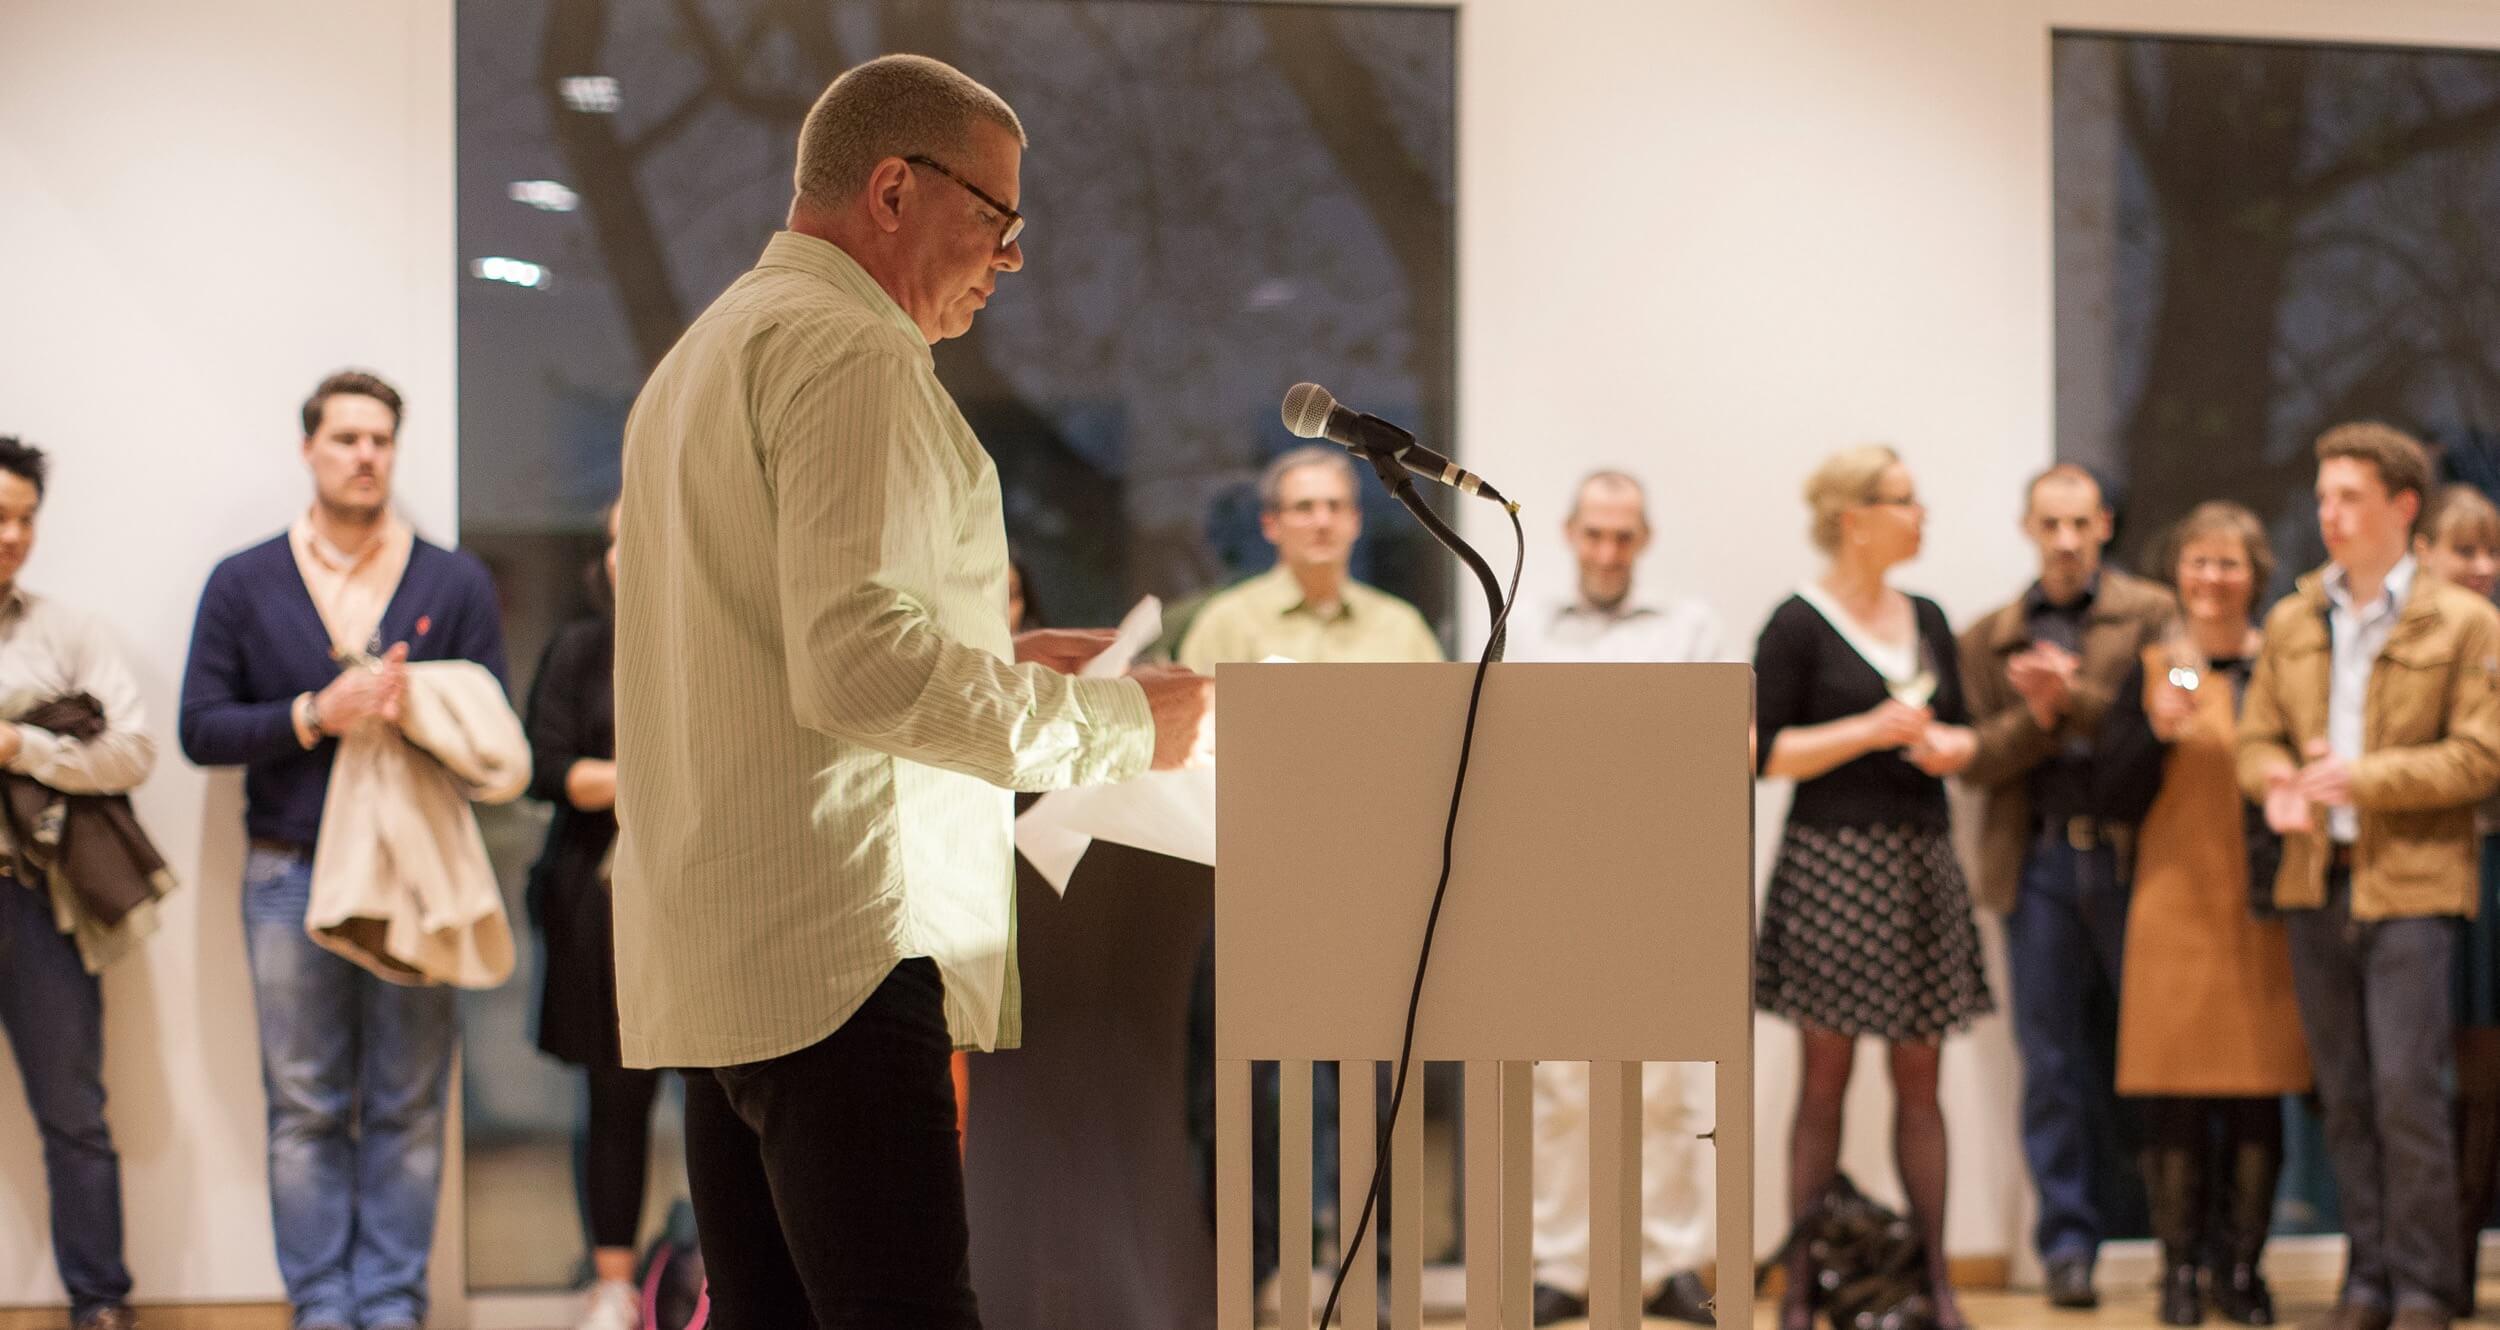 Thomas Emde bei einer Rede. Der Unternehmer Thomas Emde